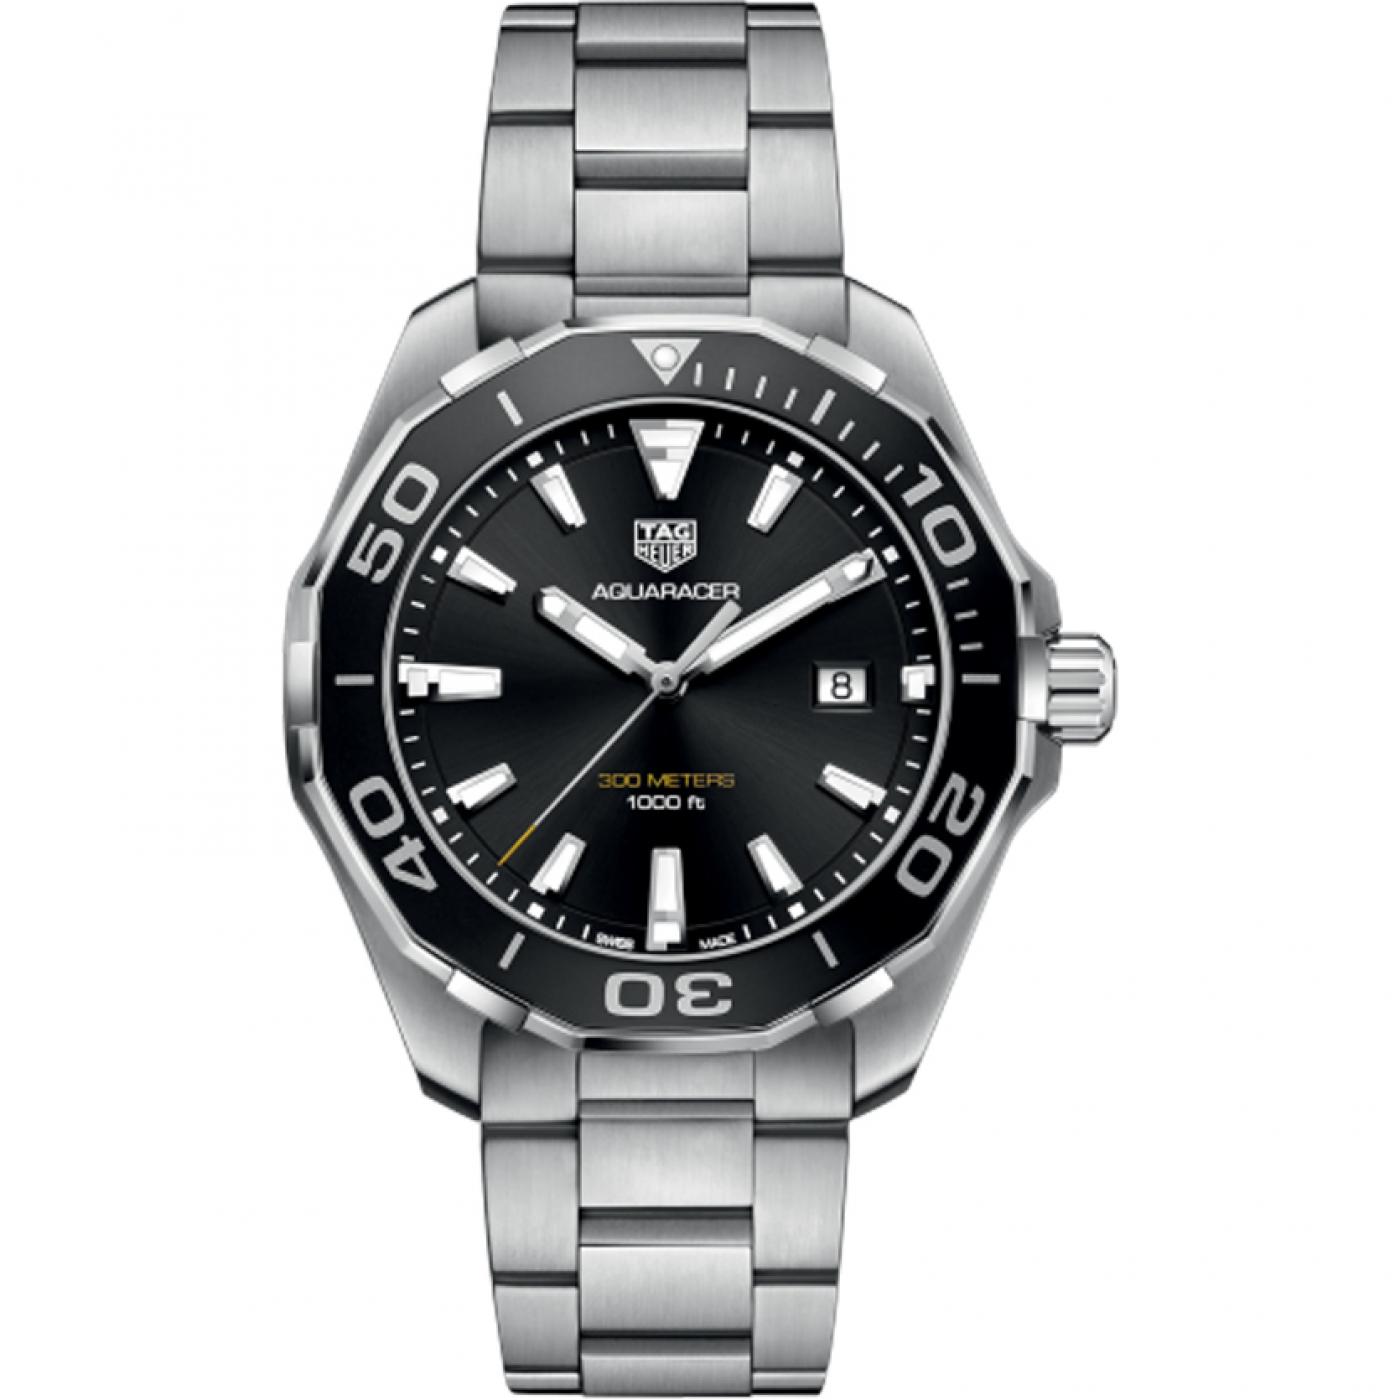 TAG Heuer AQUARACER Quartz Watch (WAY101A.BA0746)